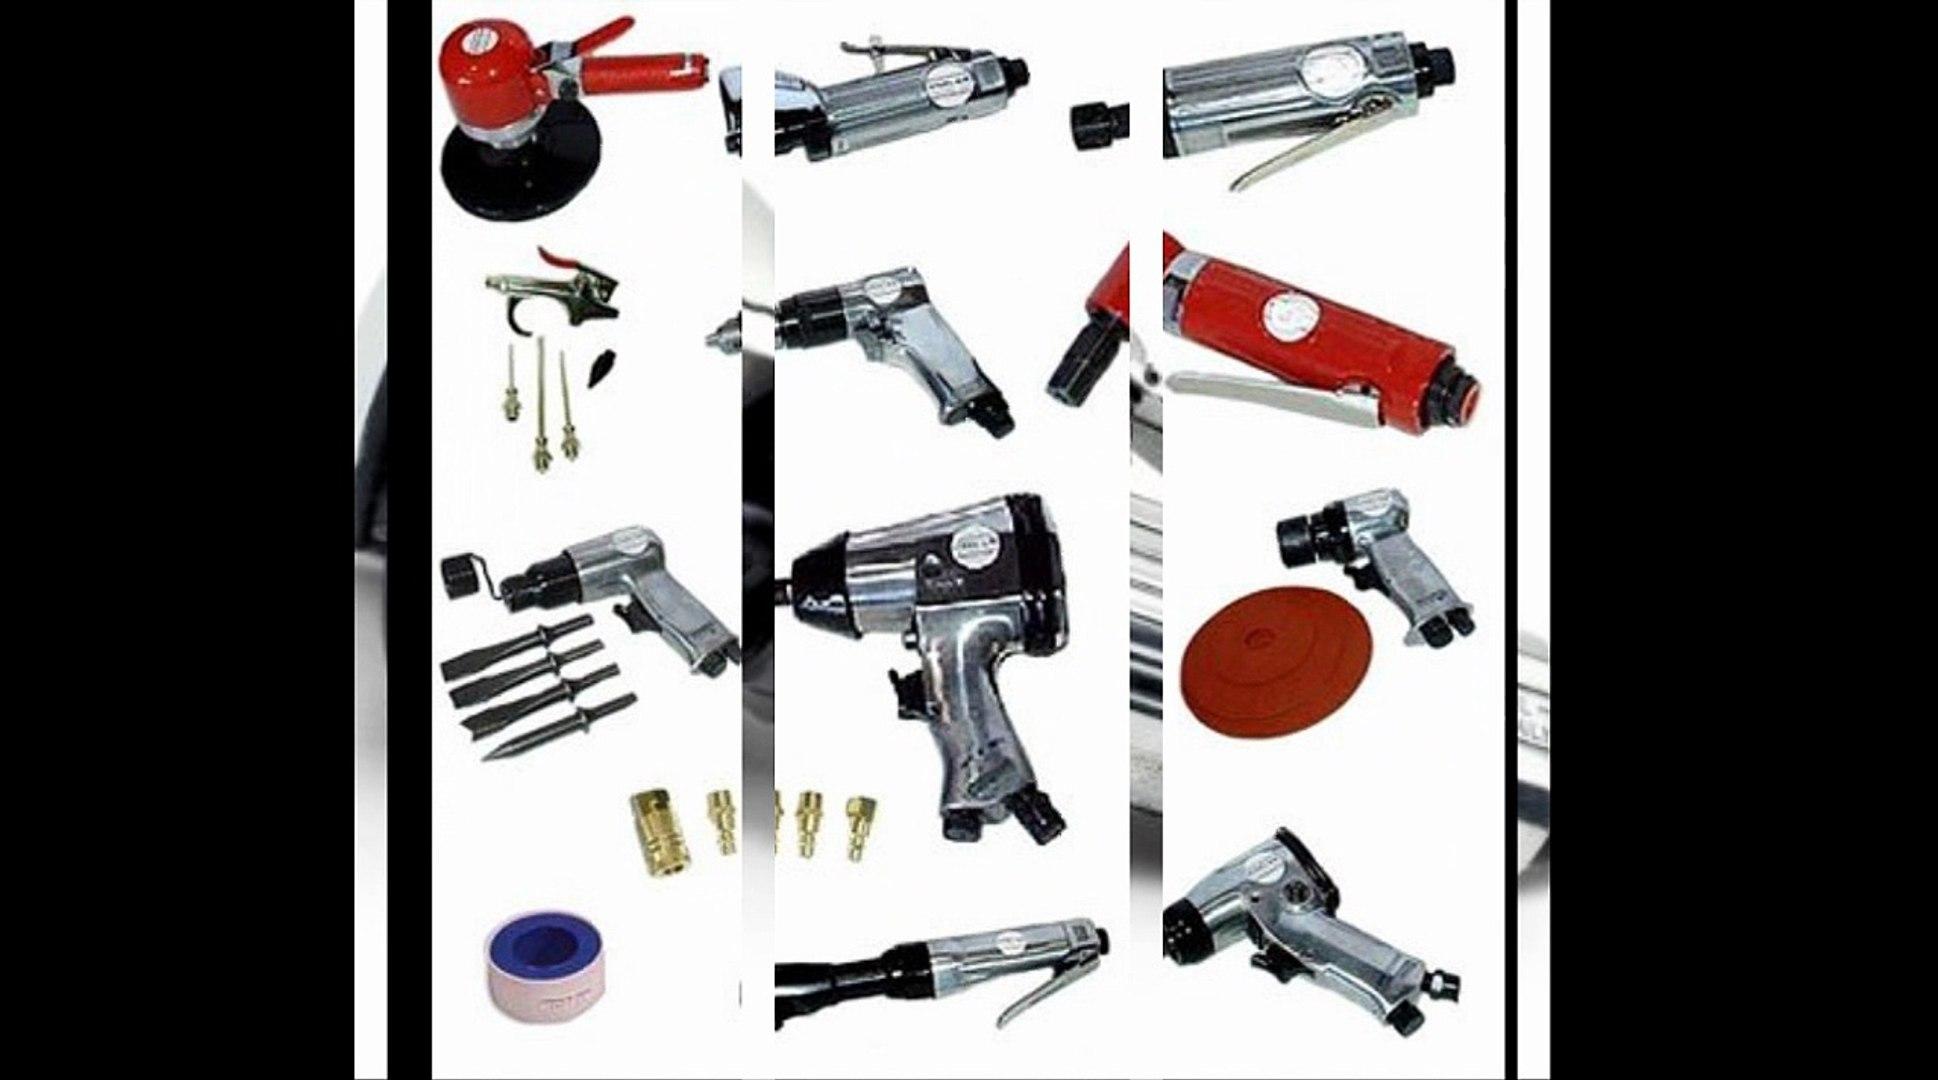 Kawasaki 840788 3-Inch Air Cut Off tool